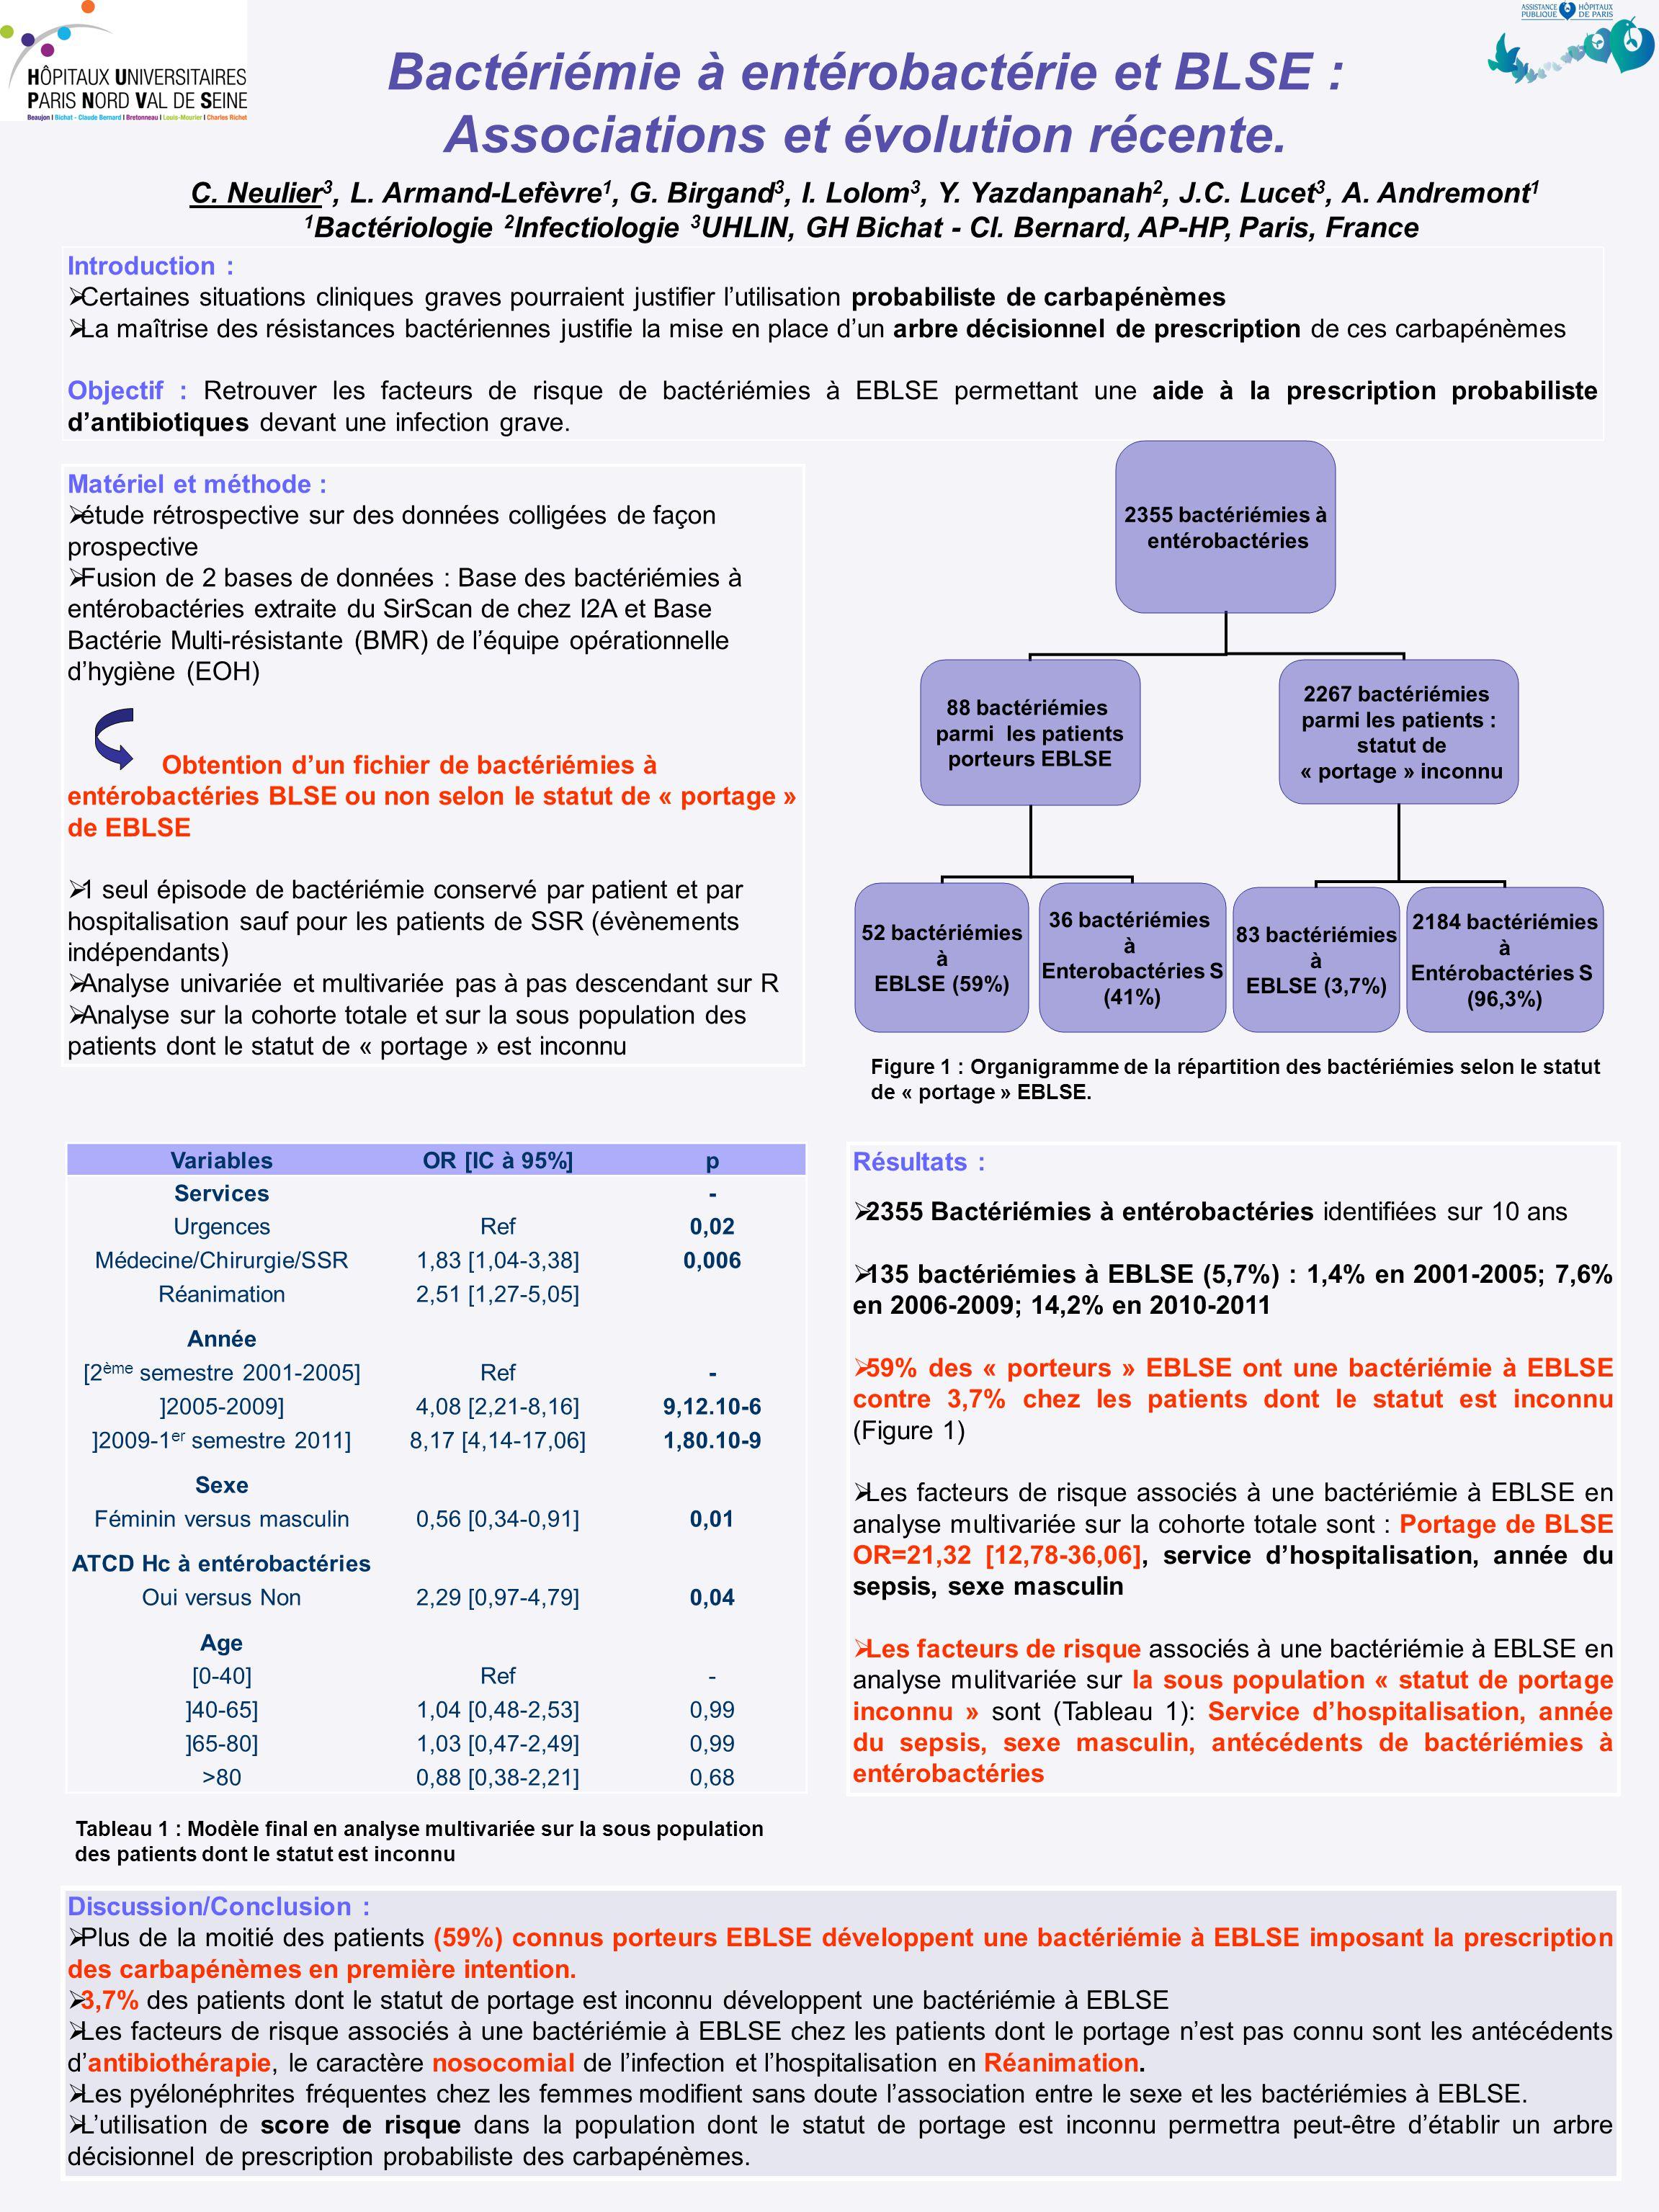 Résultats :  2355 Bactériémies à entérobactéries identifiées sur 10 ans  135 bactériémies à EBLSE (5,7%) : 1,4% en 2001-2005; 7,6% en 2006-2009; 14,2% en 2010-2011  59% des « porteurs » EBLSE ont une bactériémie à EBLSE contre 3,7% chez les patients dont le statut est inconnu (Figure 1)  Les facteurs de risque associés à une bactériémie à EBLSE en analyse multivariée sur la cohorte totale sont : Portage de BLSE OR=21,32 [12,78-36,06], service d'hospitalisation, année du sepsis, sexe masculin  Les facteurs de risque associés à une bactériémie à EBLSE en analyse mulitvariée sur la sous population « statut de portage inconnu » sont (Tableau 1): Service d'hospitalisation, année du sepsis, sexe masculin, antécédents de bactériémies à entérobactéries Introduction :  Certaines situations cliniques graves pourraient justifier l'utilisation probabiliste de carbapénèmes  La maîtrise des résistances bactériennes justifie la mise en place d'un arbre décisionnel de prescription de ces carbapénèmes Objectif : Retrouver les facteurs de risque de bactériémies à EBLSE permettant une aide à la prescription probabiliste d'antibiotiques devant une infection grave.